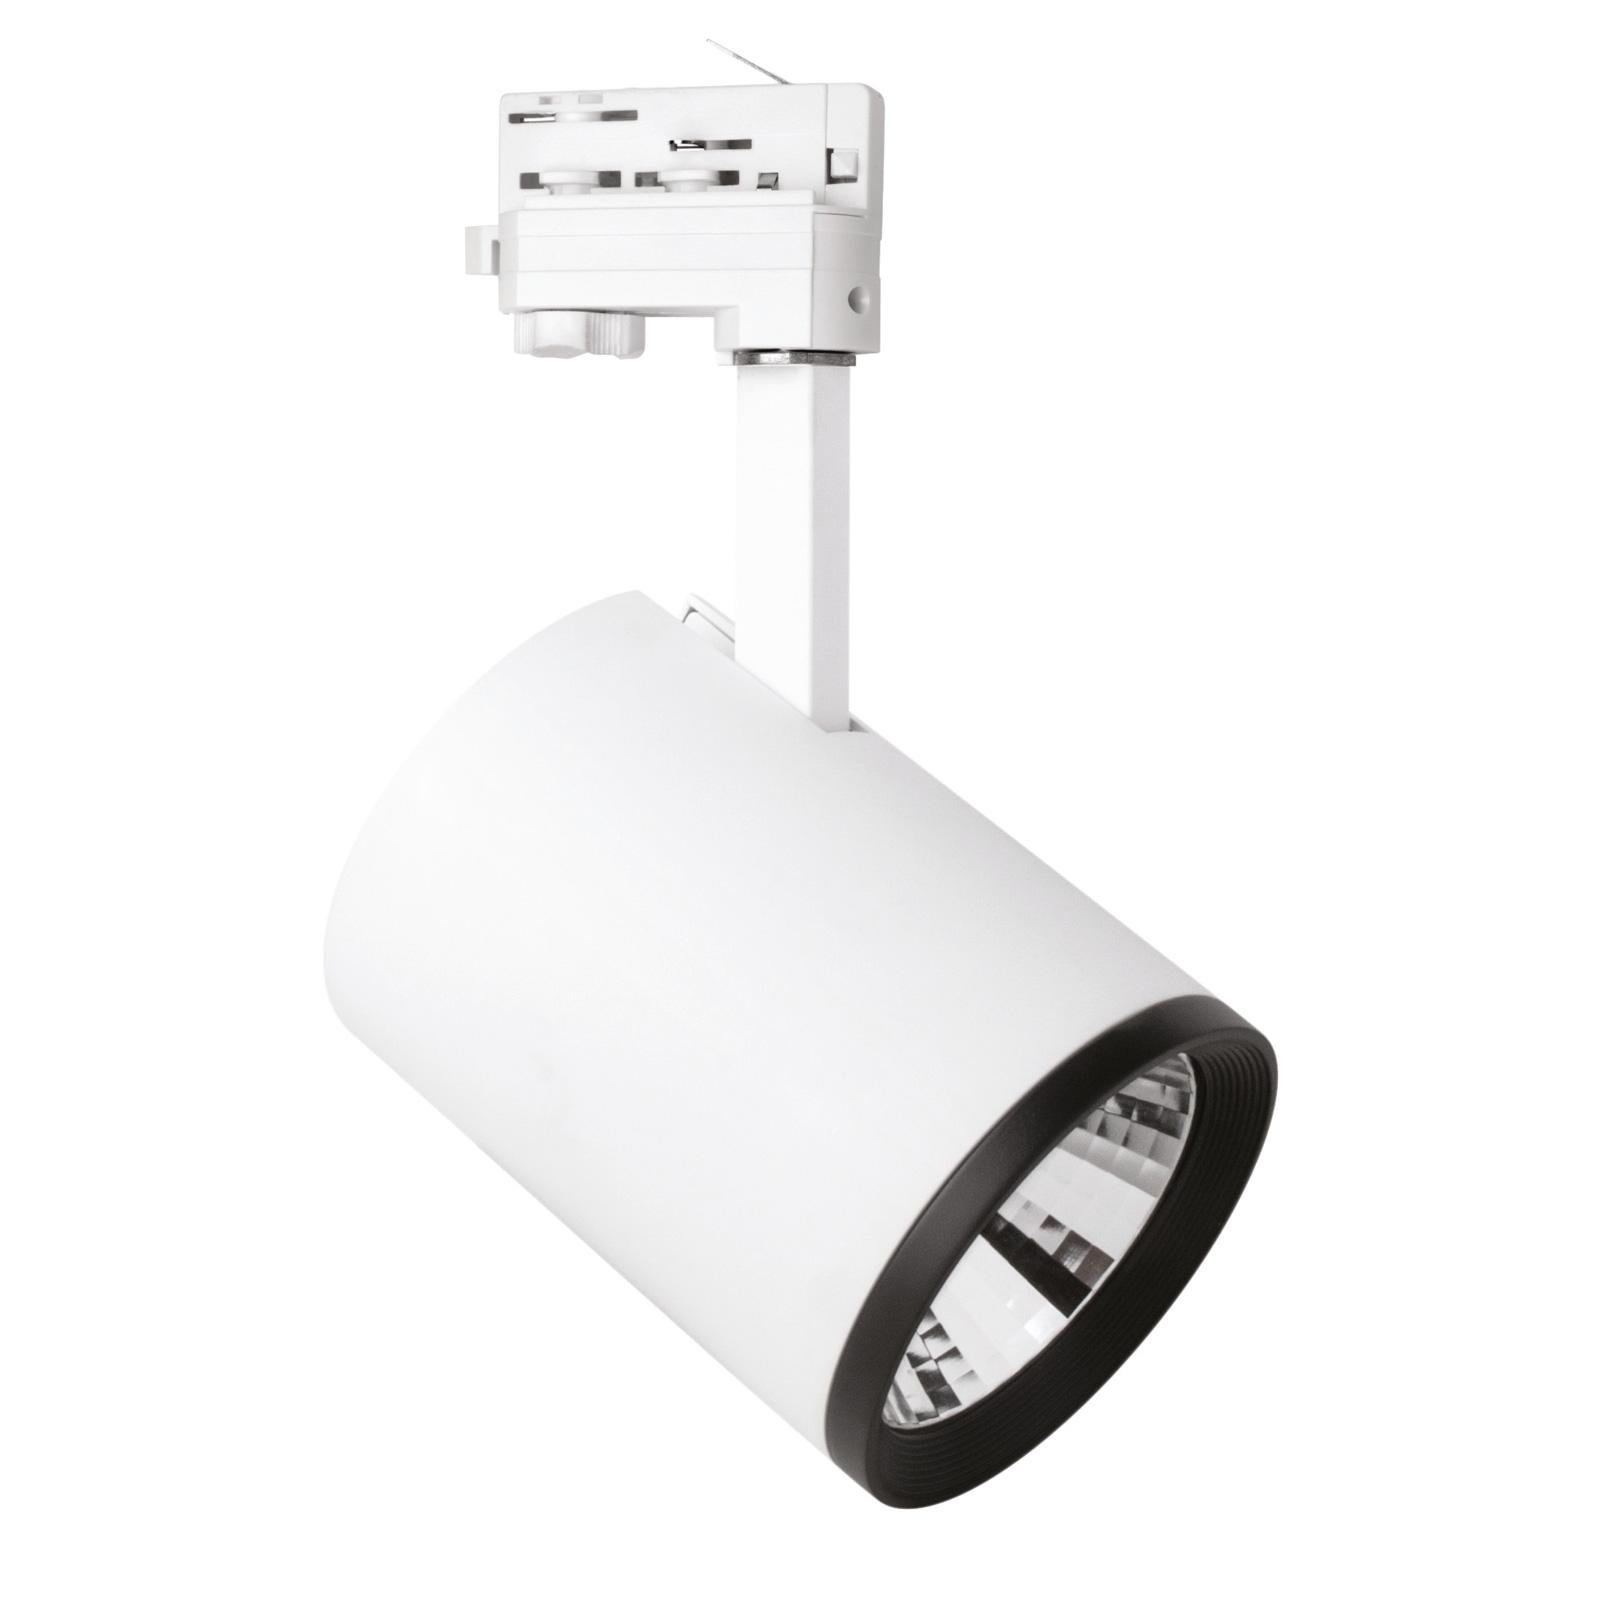 LED-Spot Marco für 3-Phasen-Schiene weiß 4.000K